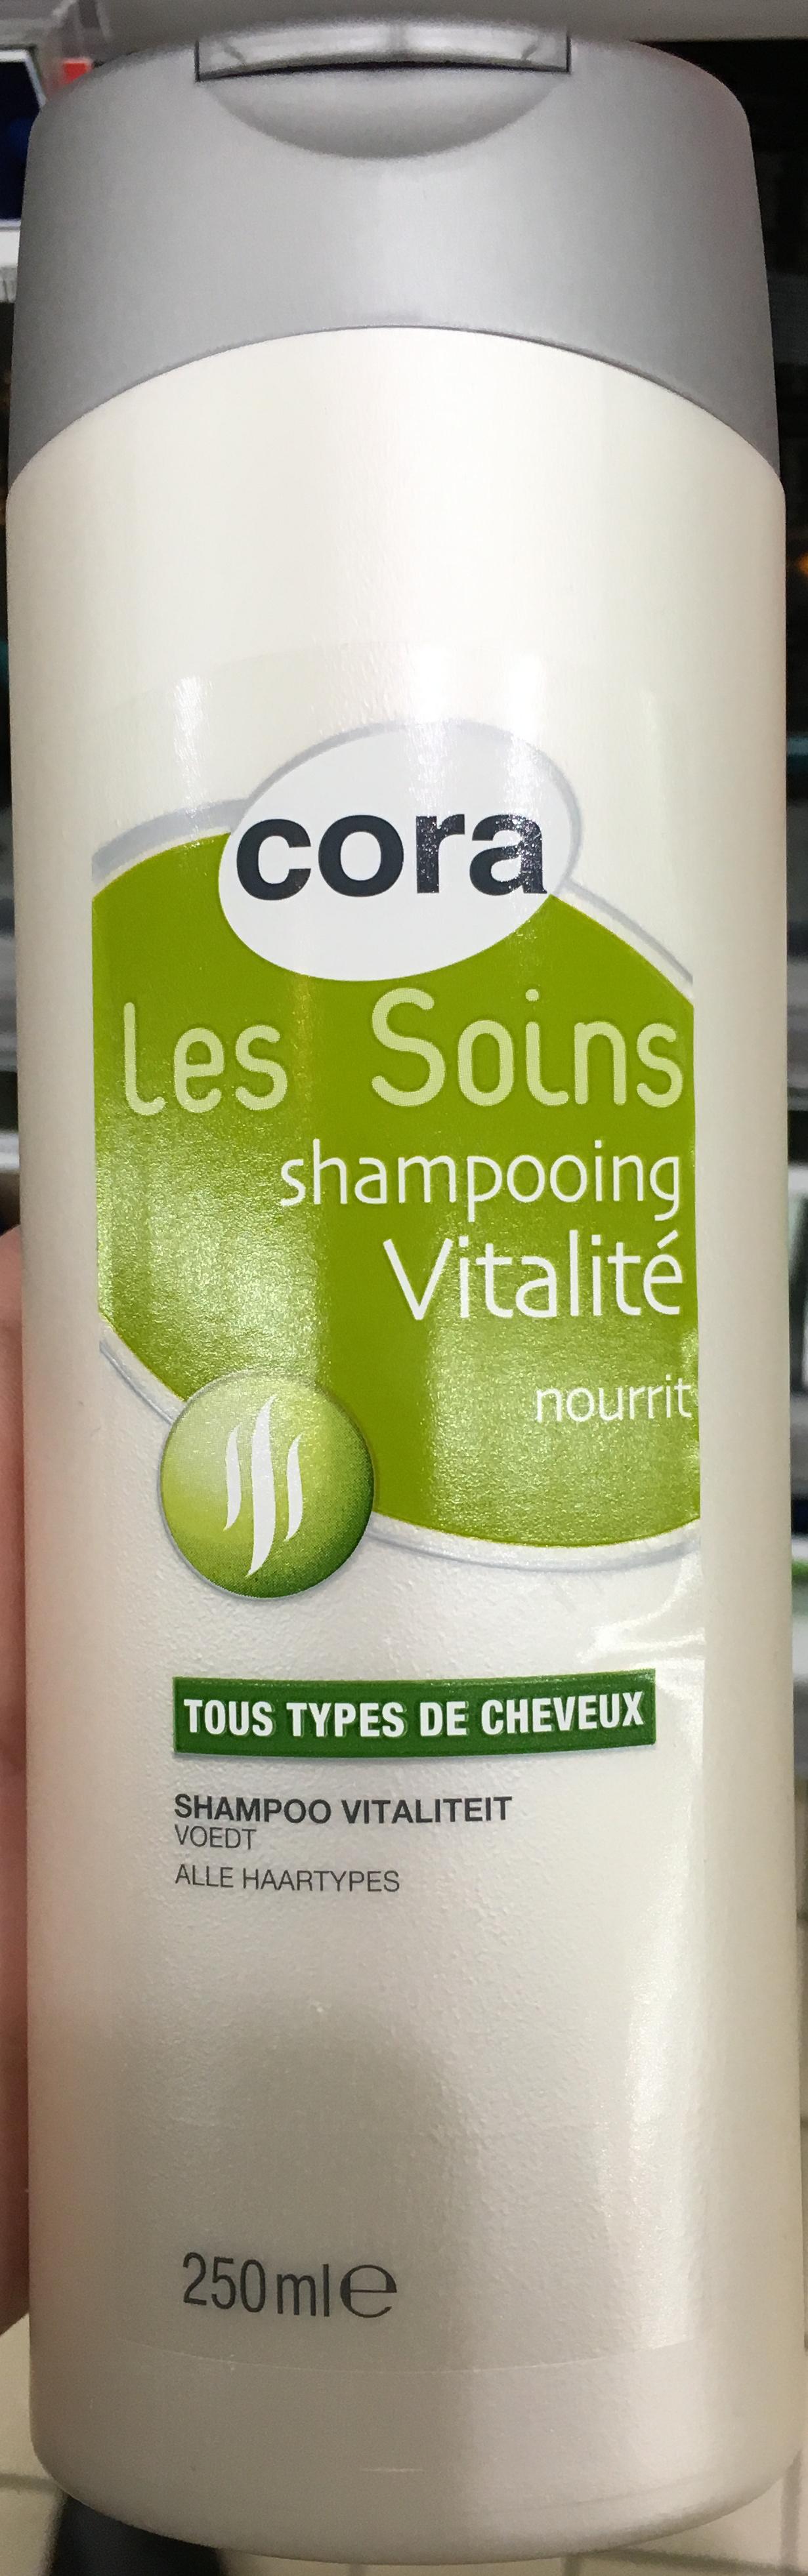 Les Soins Shampooing Vitalité - Produit - fr